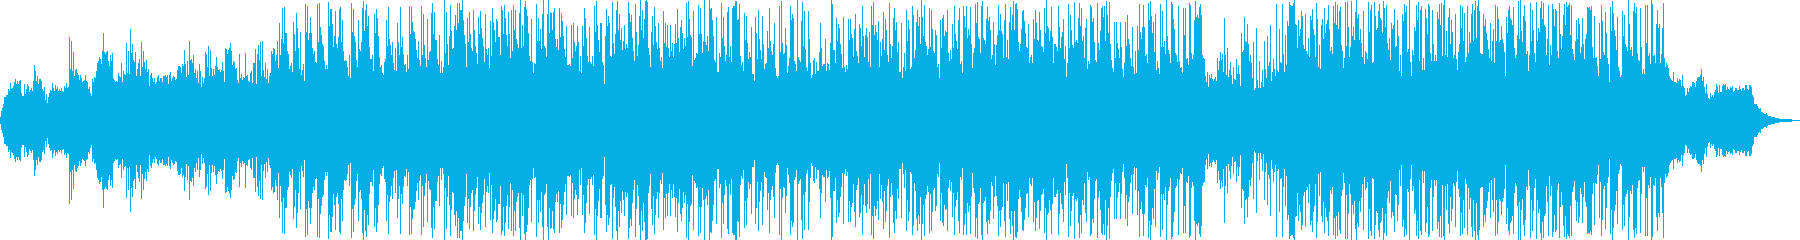 エアリアル サスペンス 技術的な ...の再生済みの波形